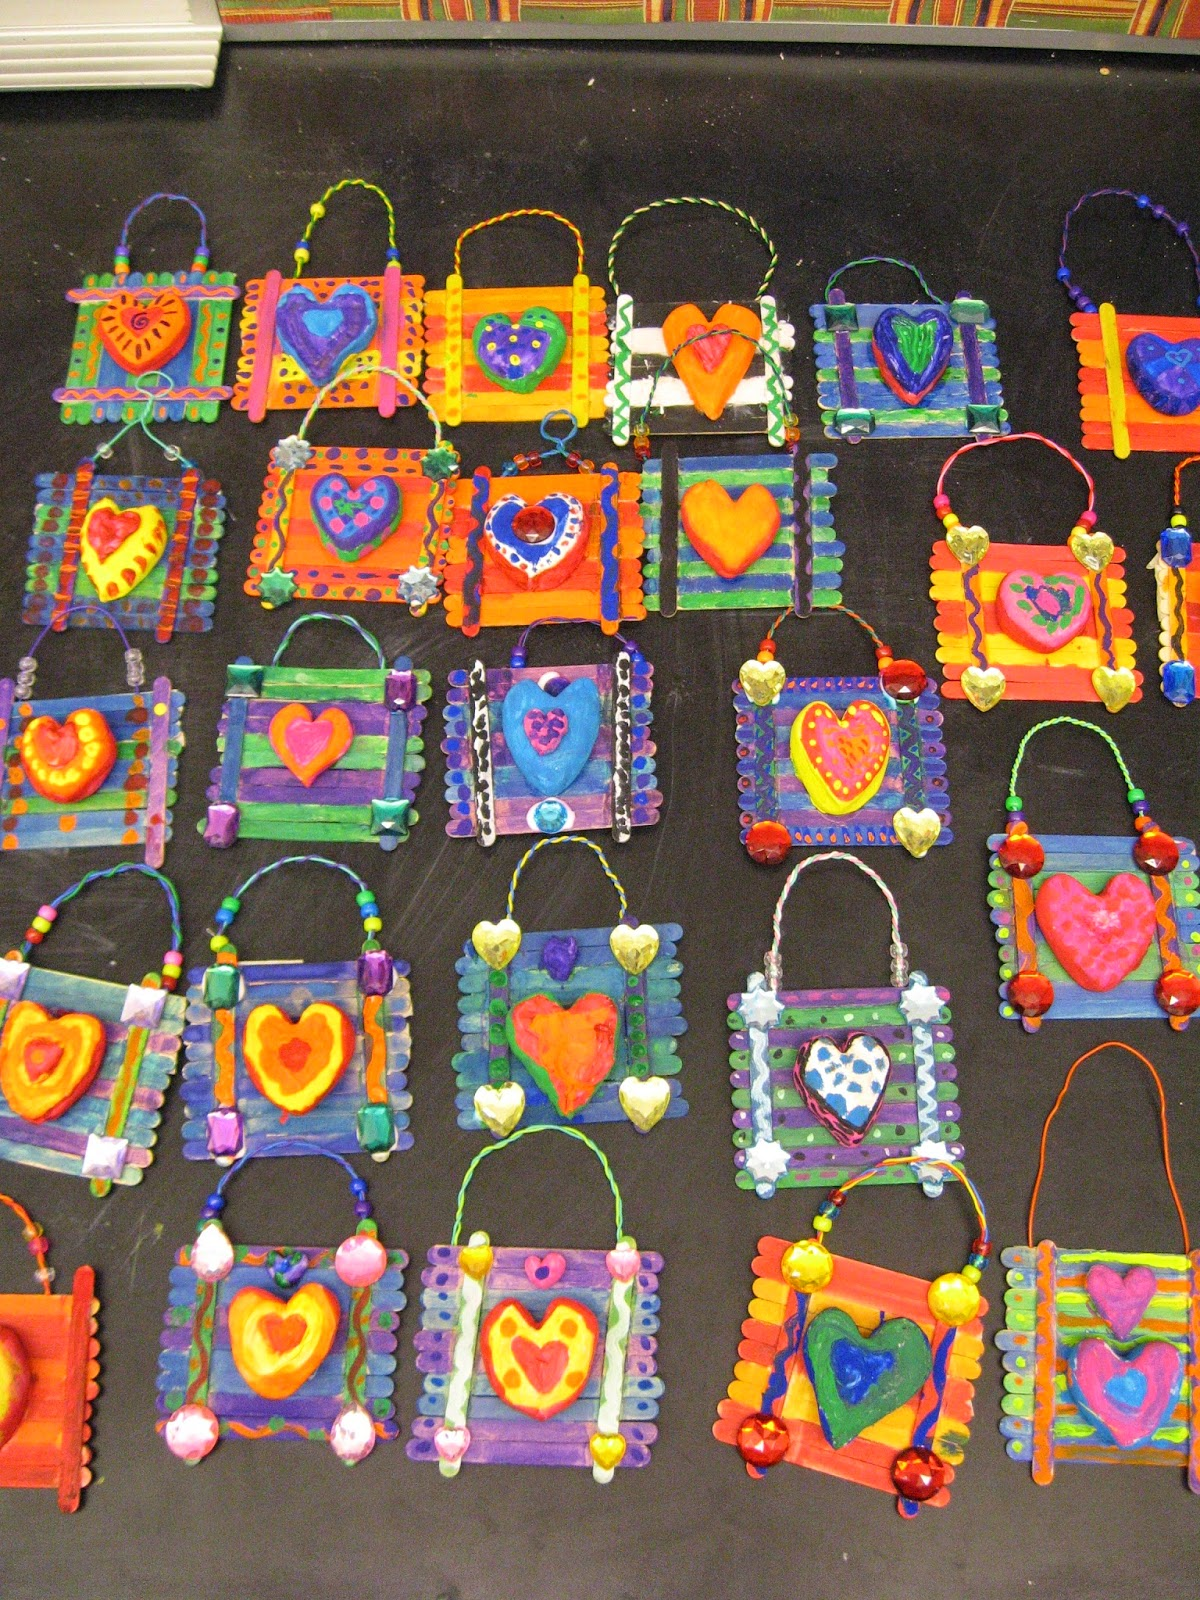 Jamestown Elementary Art Blog 3rd Grade Jim Dine Heart Plaques